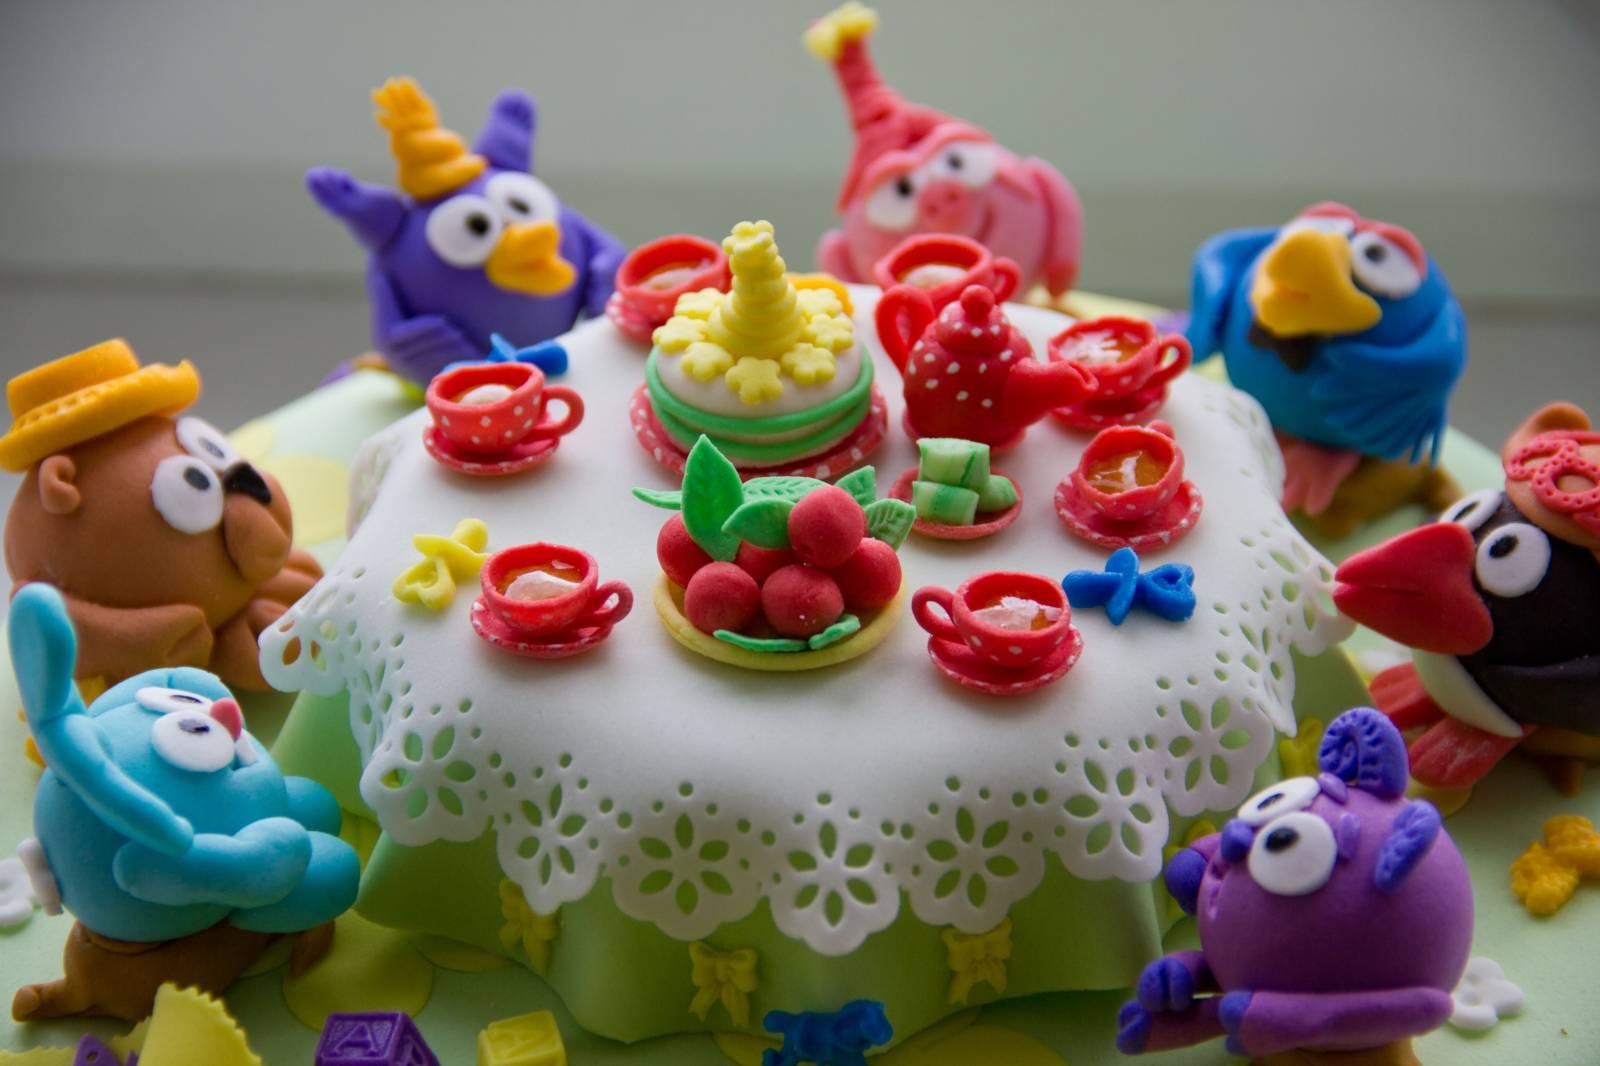 Детская мастика и фигурки из нее — оригинальное украшение торта новые фото